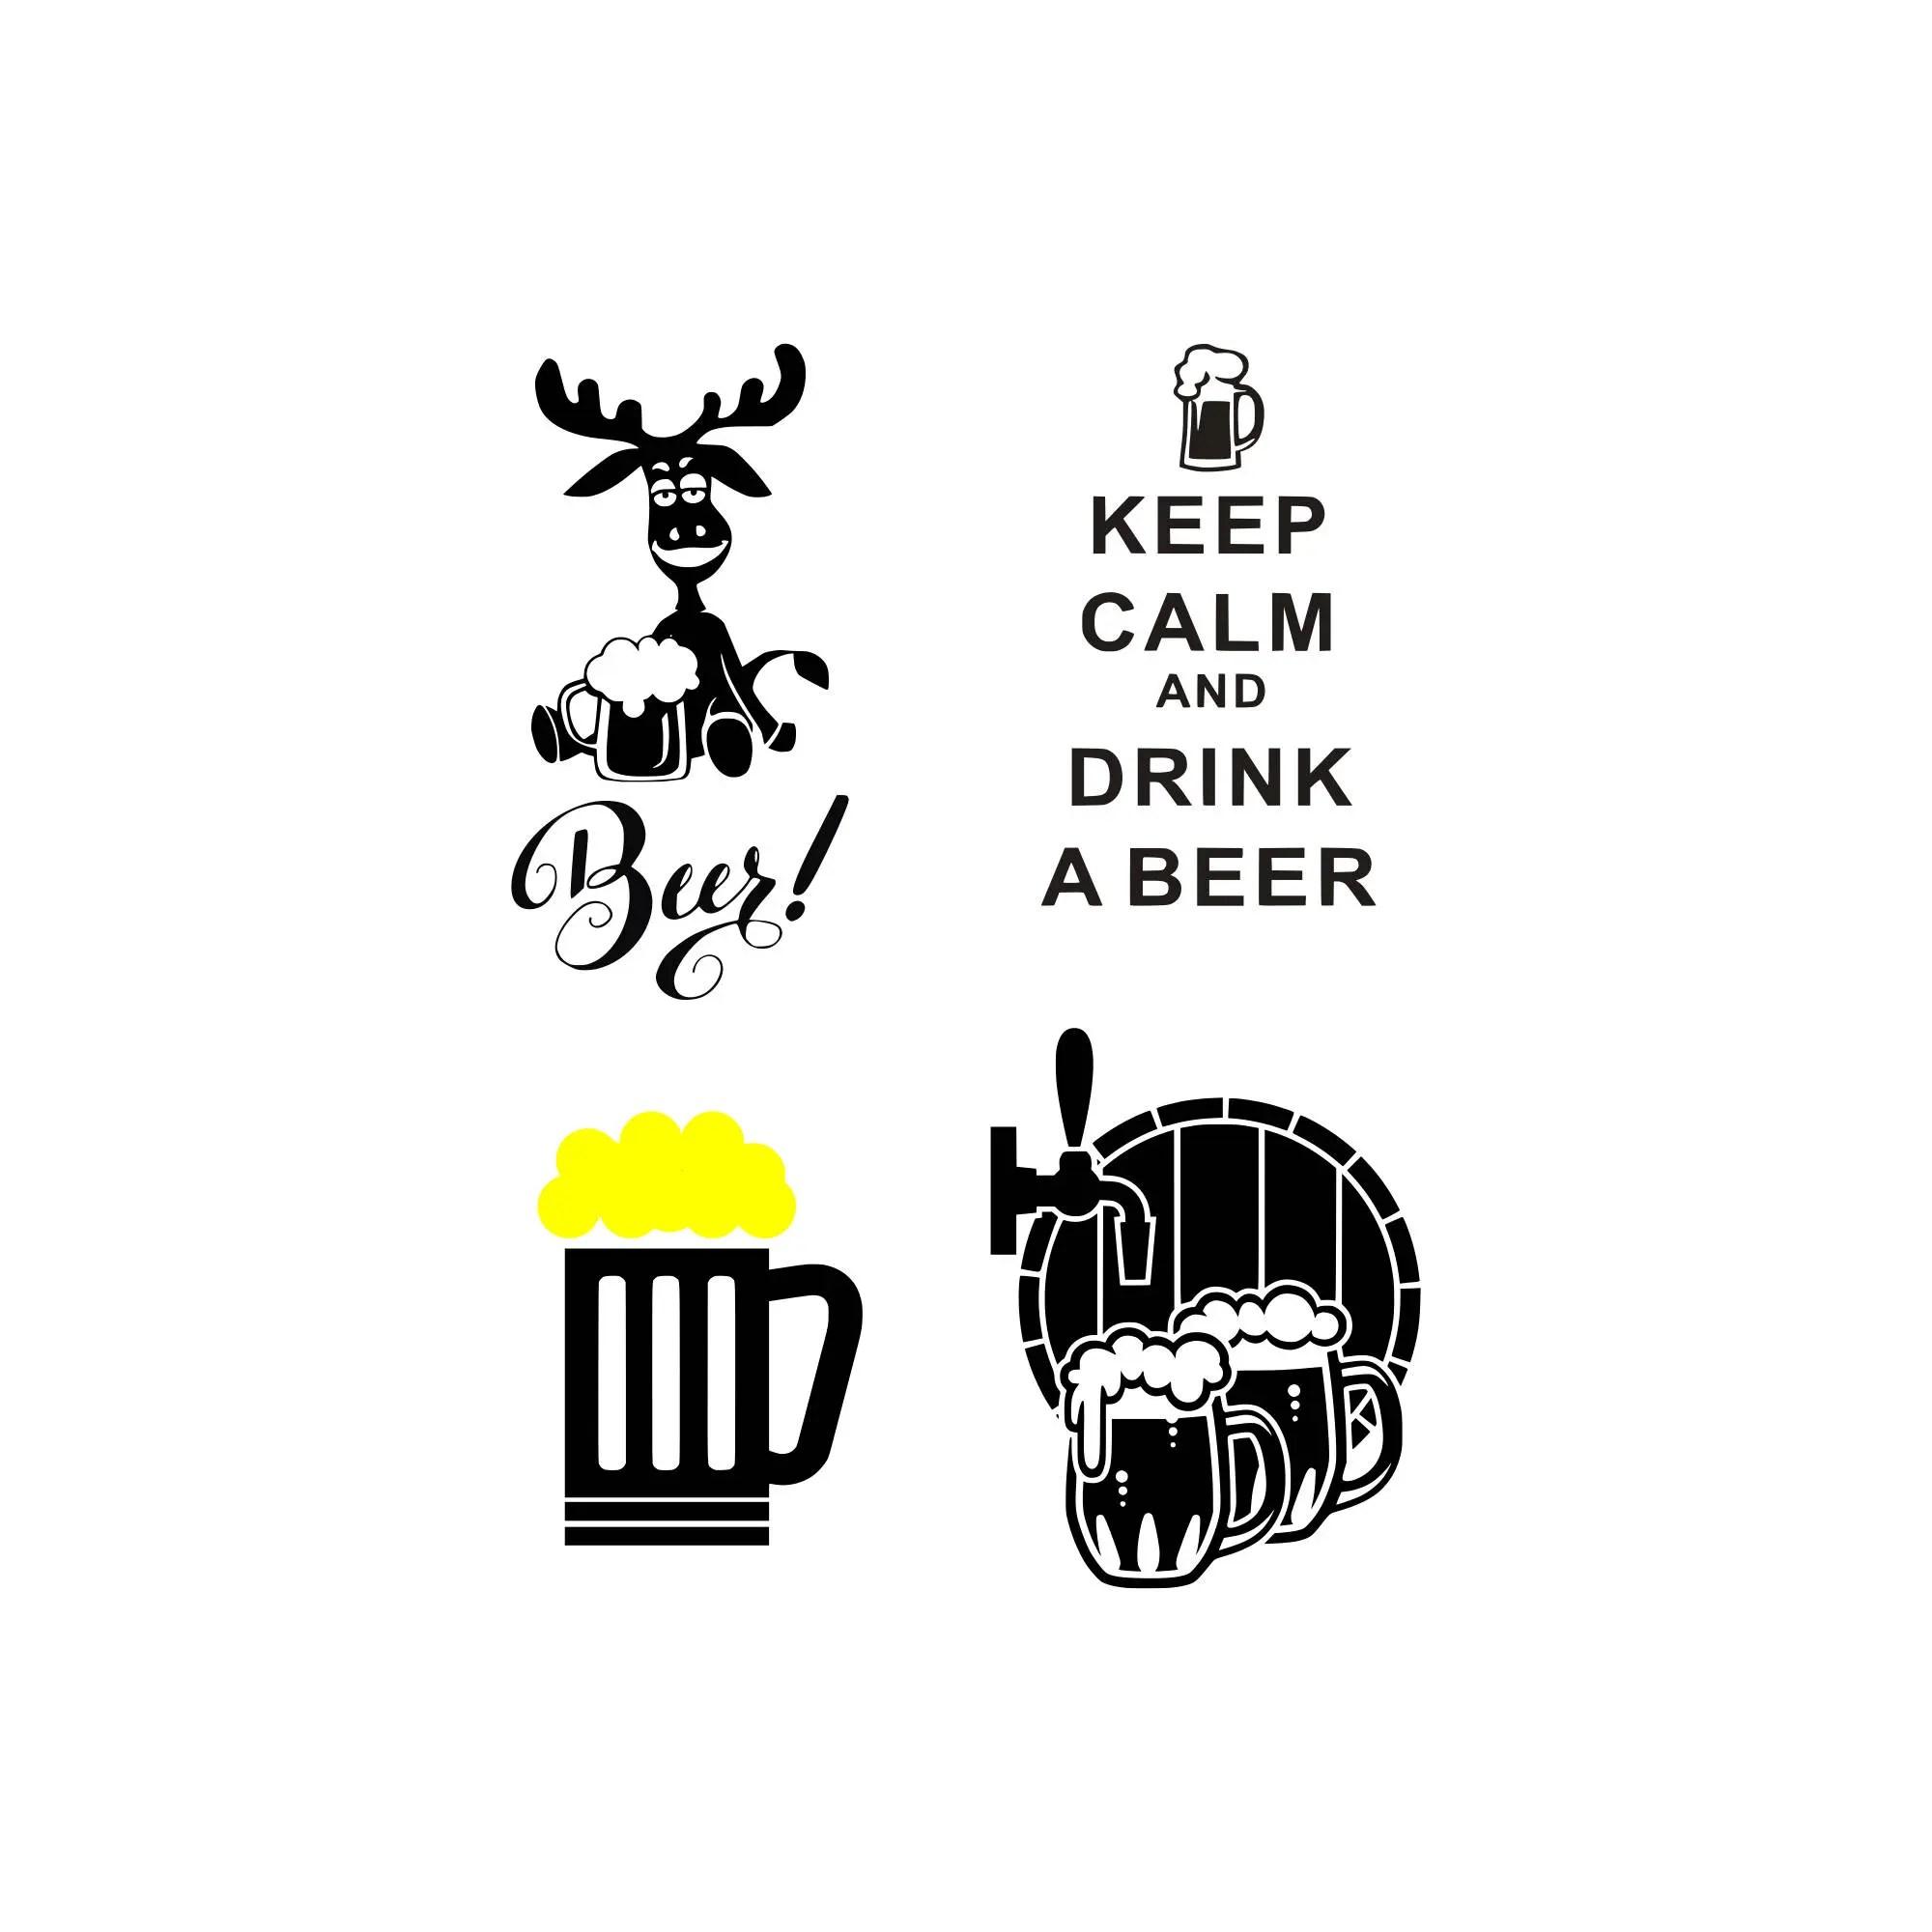 La Biere Svg Beer Mug Svg Pub Svg Keep Calm Et Biere Svg